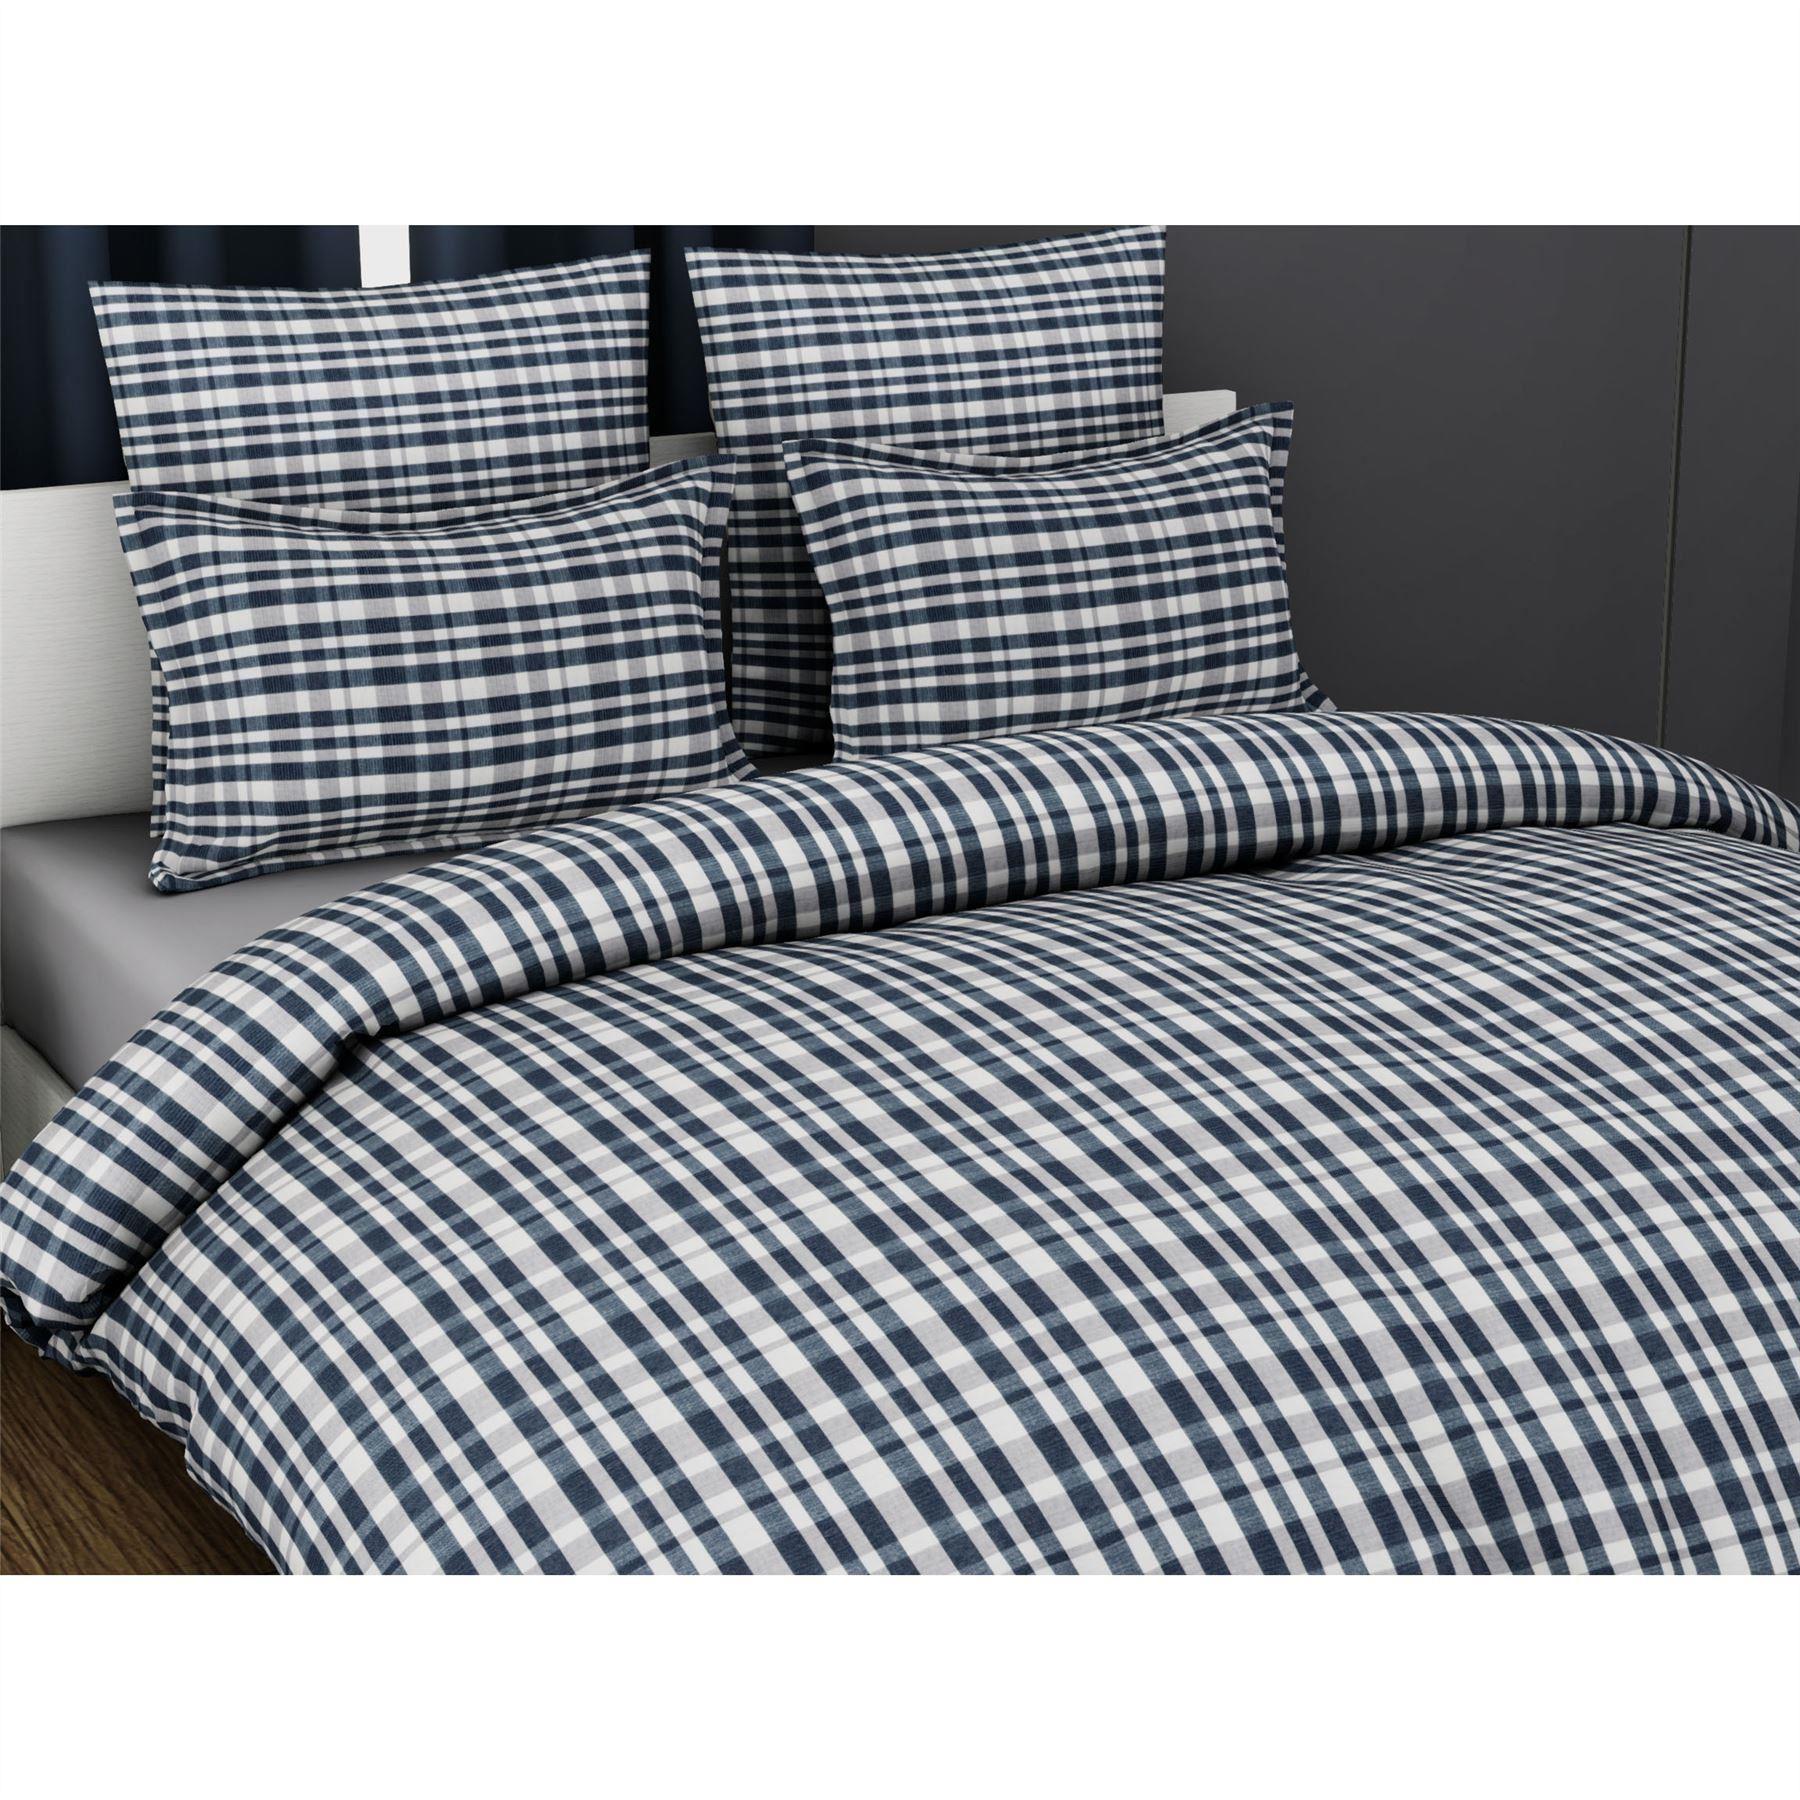 100-Algodon-Cuidado-facil-cubierta-del-edredon-edredon-multicolor-nuevo-conjunto-de-ropa-de-cama miniatura 13